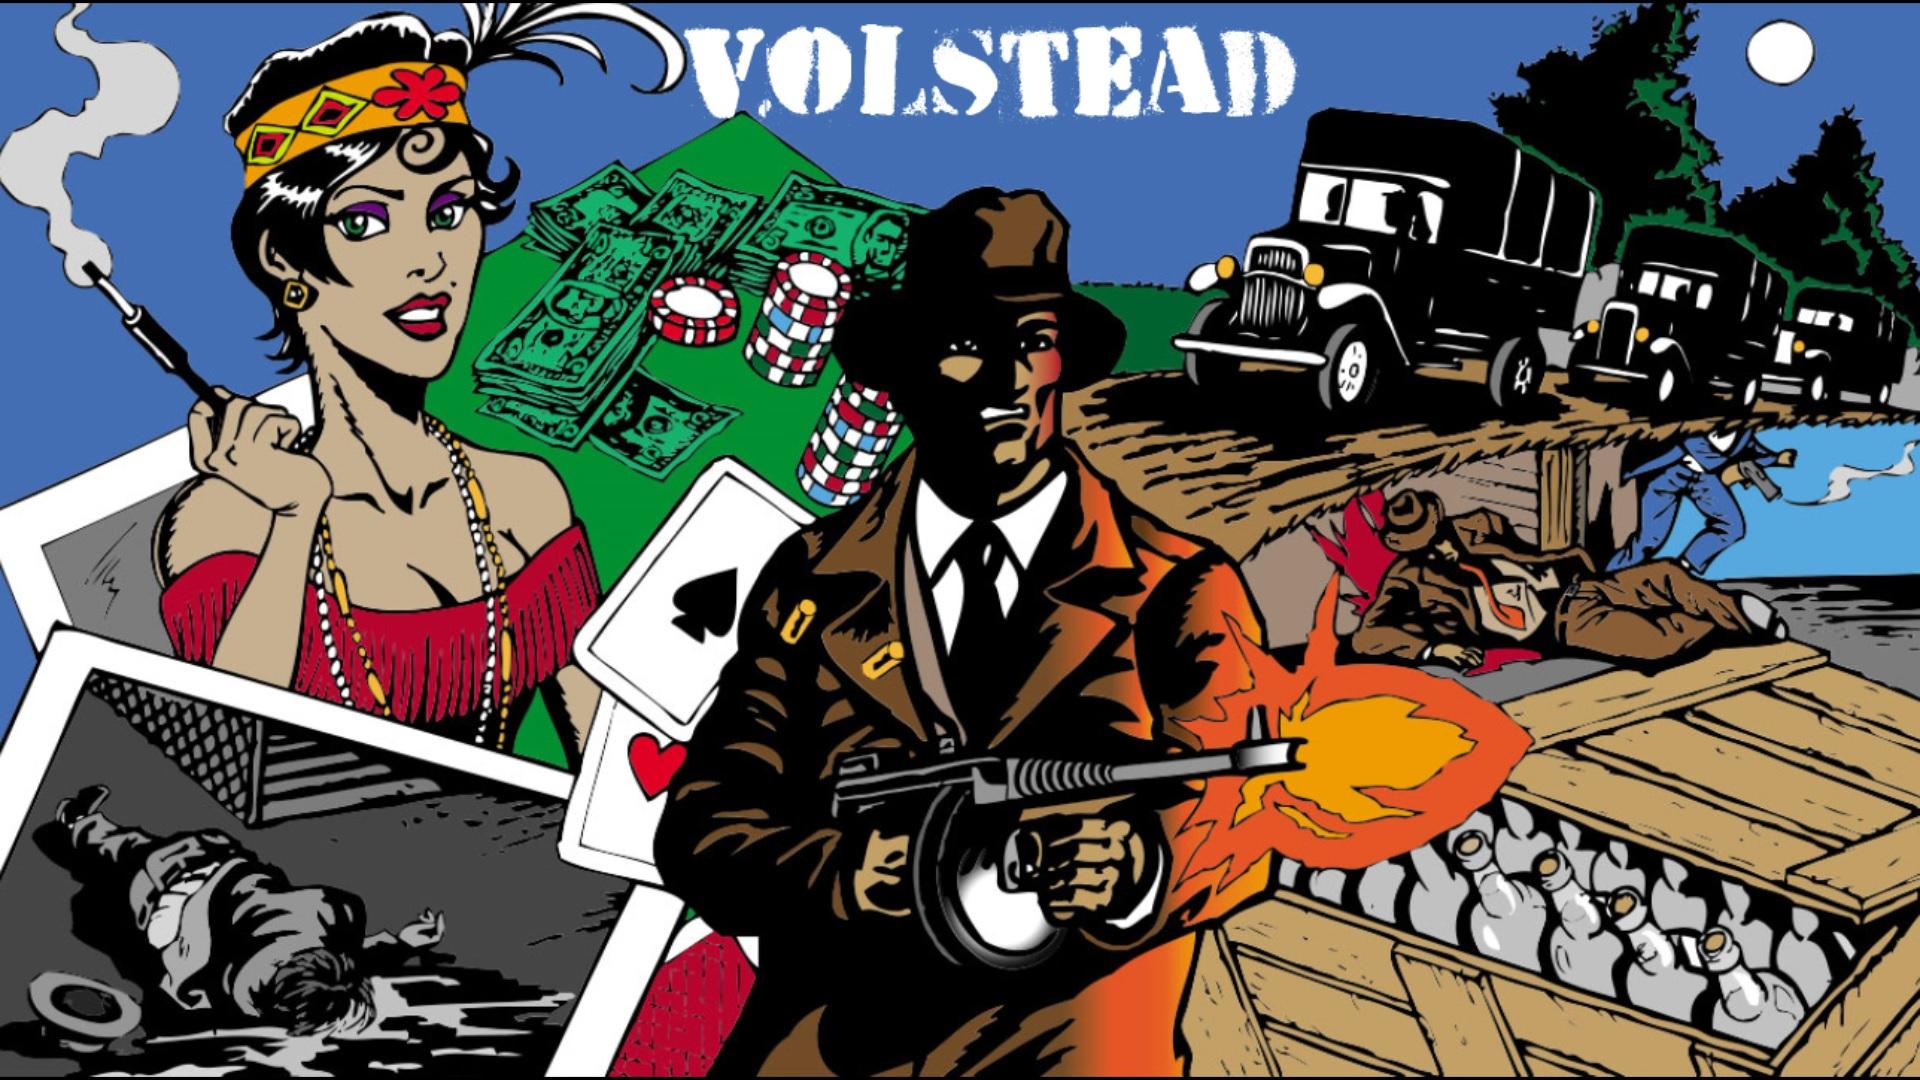 Volstead screenshot